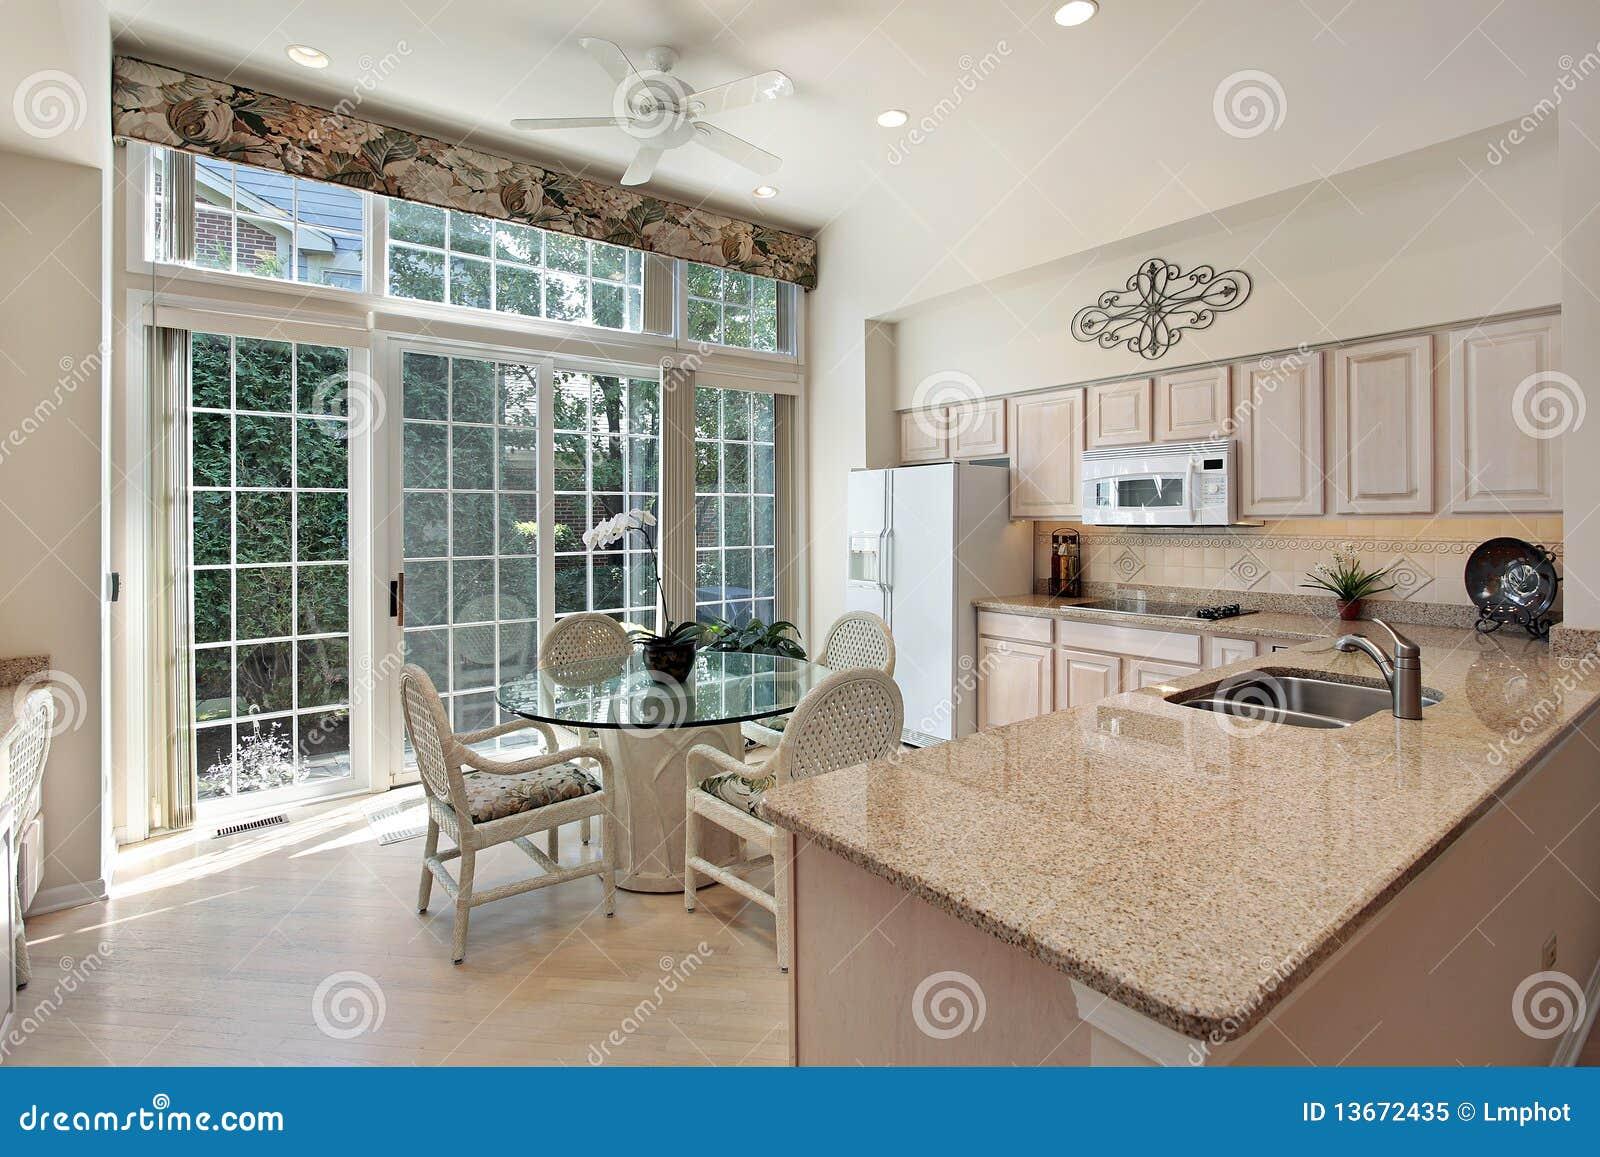 Keuken Met Schuifdeuren Aan Terras Stock Afbeelding - Afbeelding ...